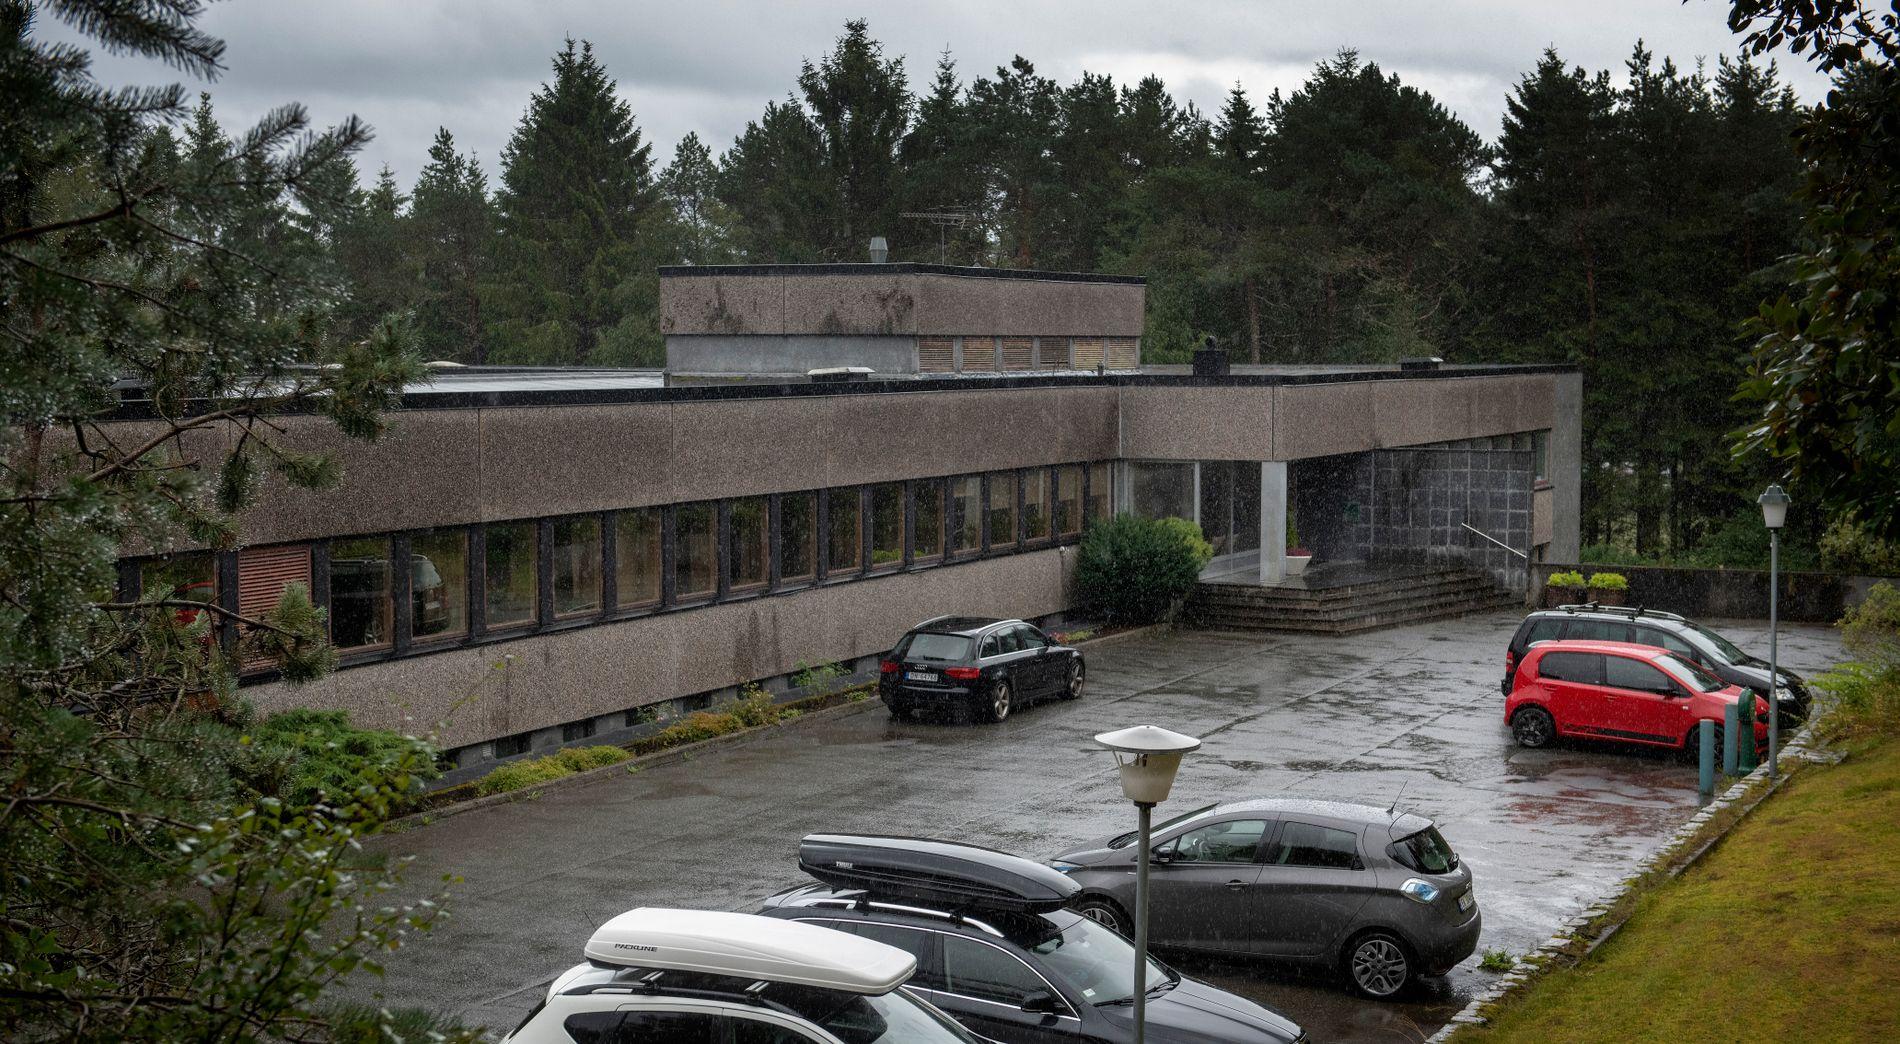 MILLIONAVVIK: Granskingen av Bergensklinikken bekrefter mistanken om systematisk overrapportering av liggedøgn.